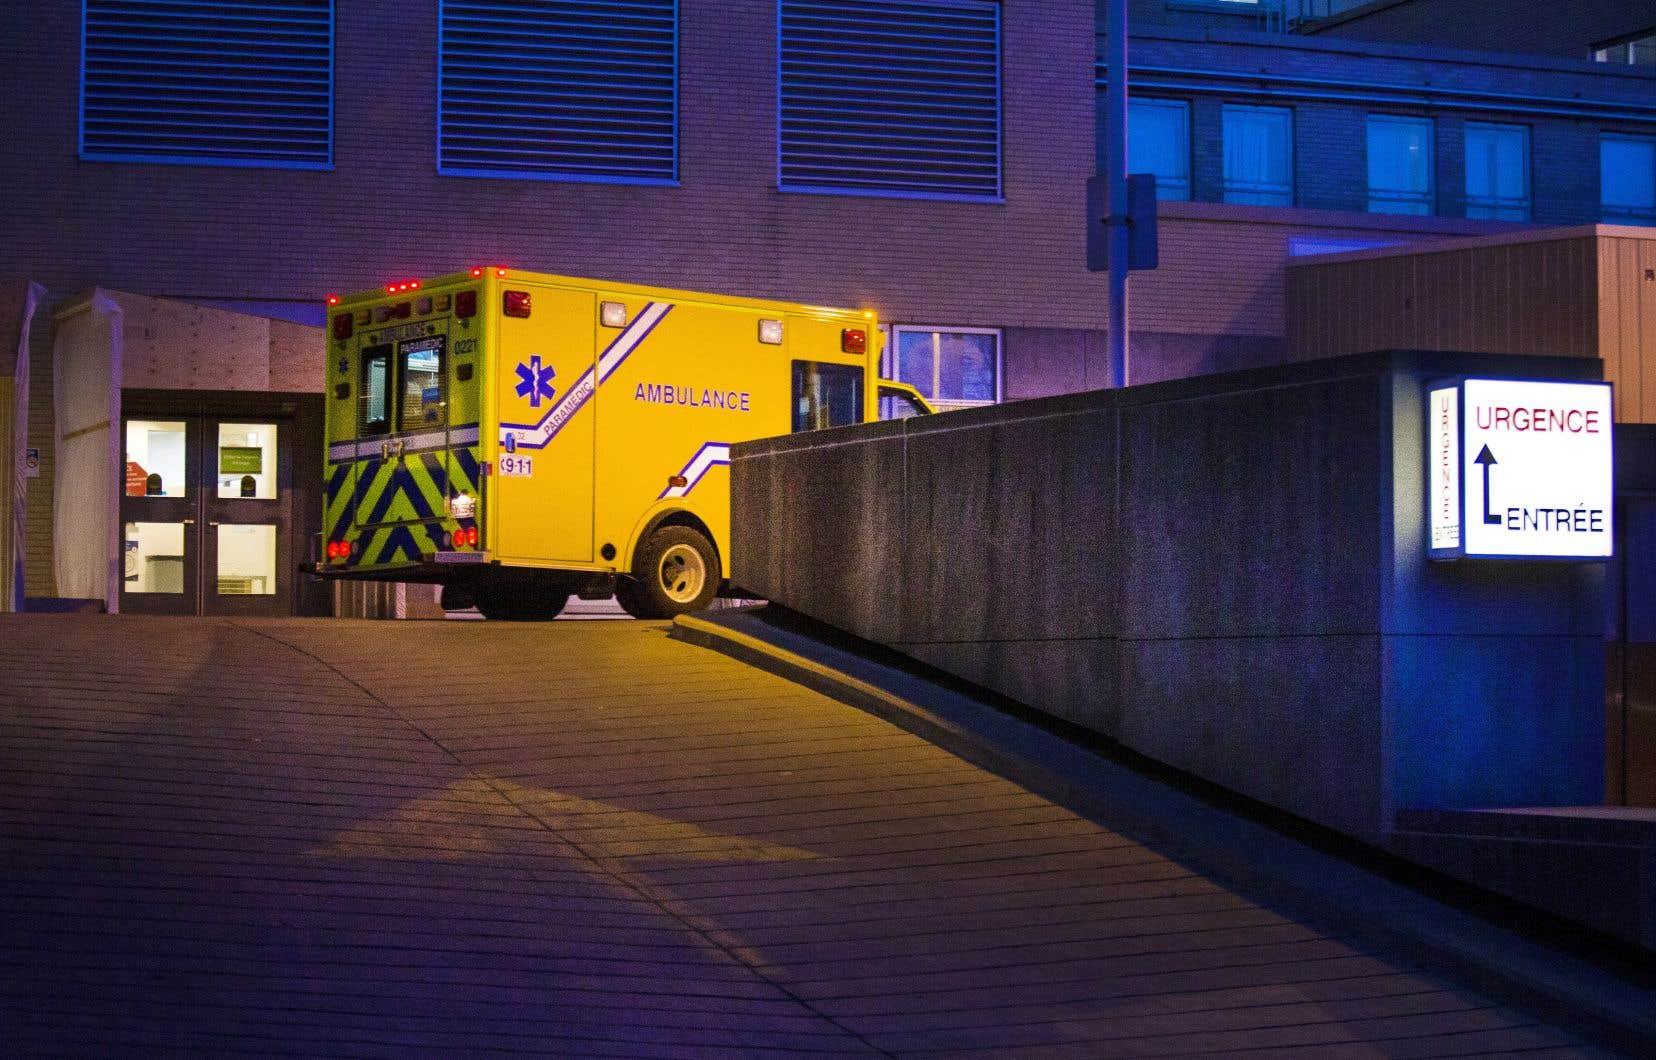 À Montréal, le nombre de patients COVID hospitalisés a doublé en un mois. Une tendance qui, combinée à la contamination accrue des travailleurs, met le réseau de la santé à rude épreuve.